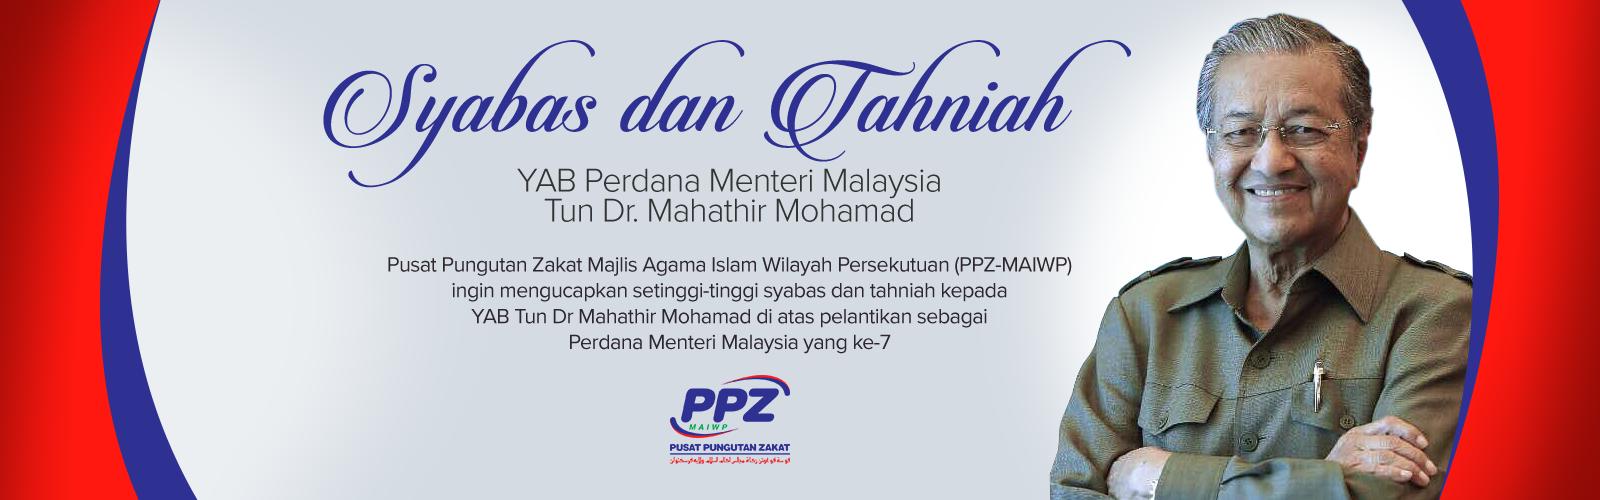 Perdana Menteri Ke-7 Tun Dr. Mahathir Mohamad